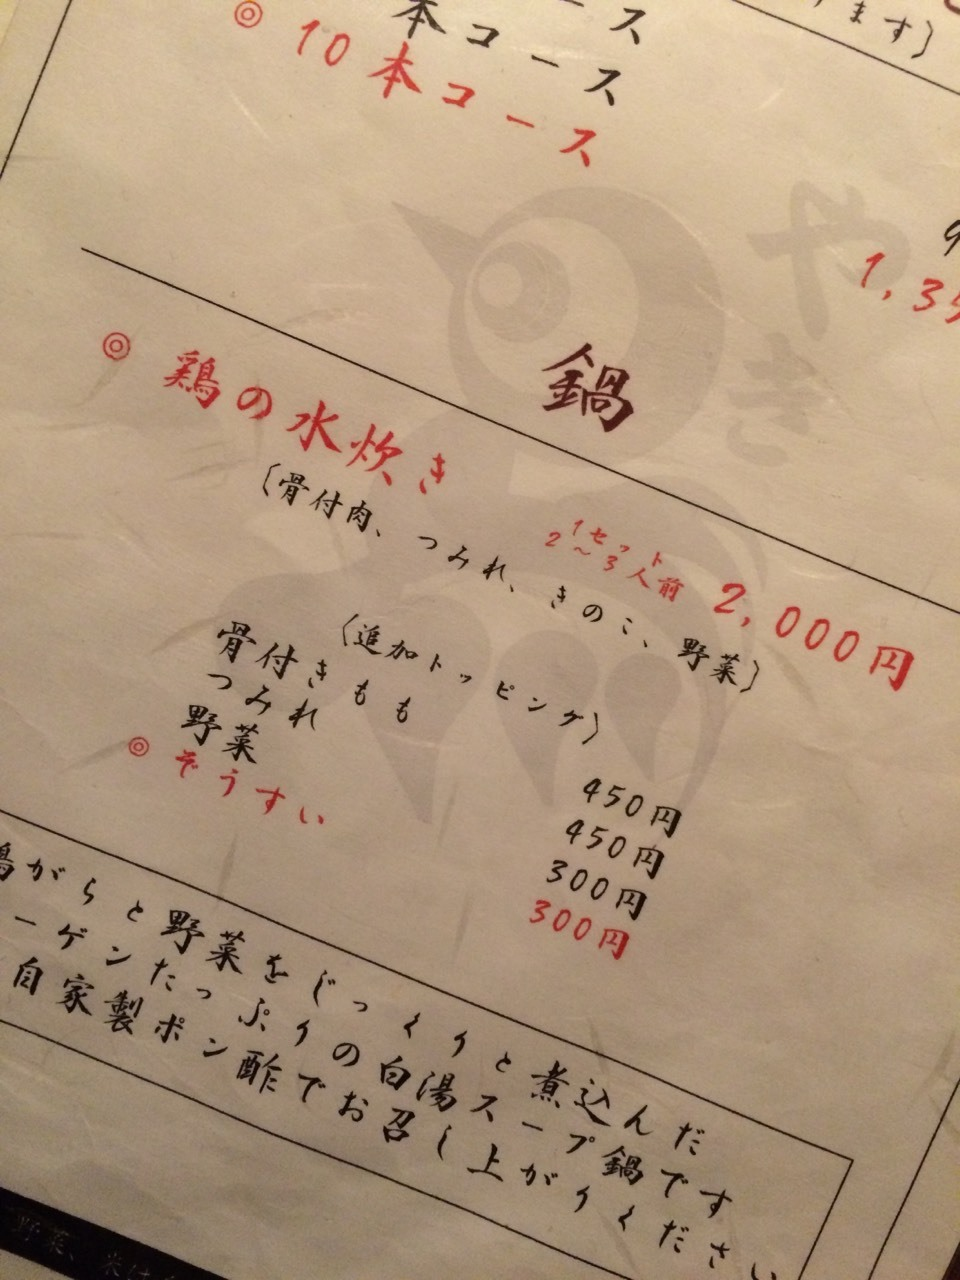 焼き鳥よし田  水炊き_e0115904_23035561.jpg